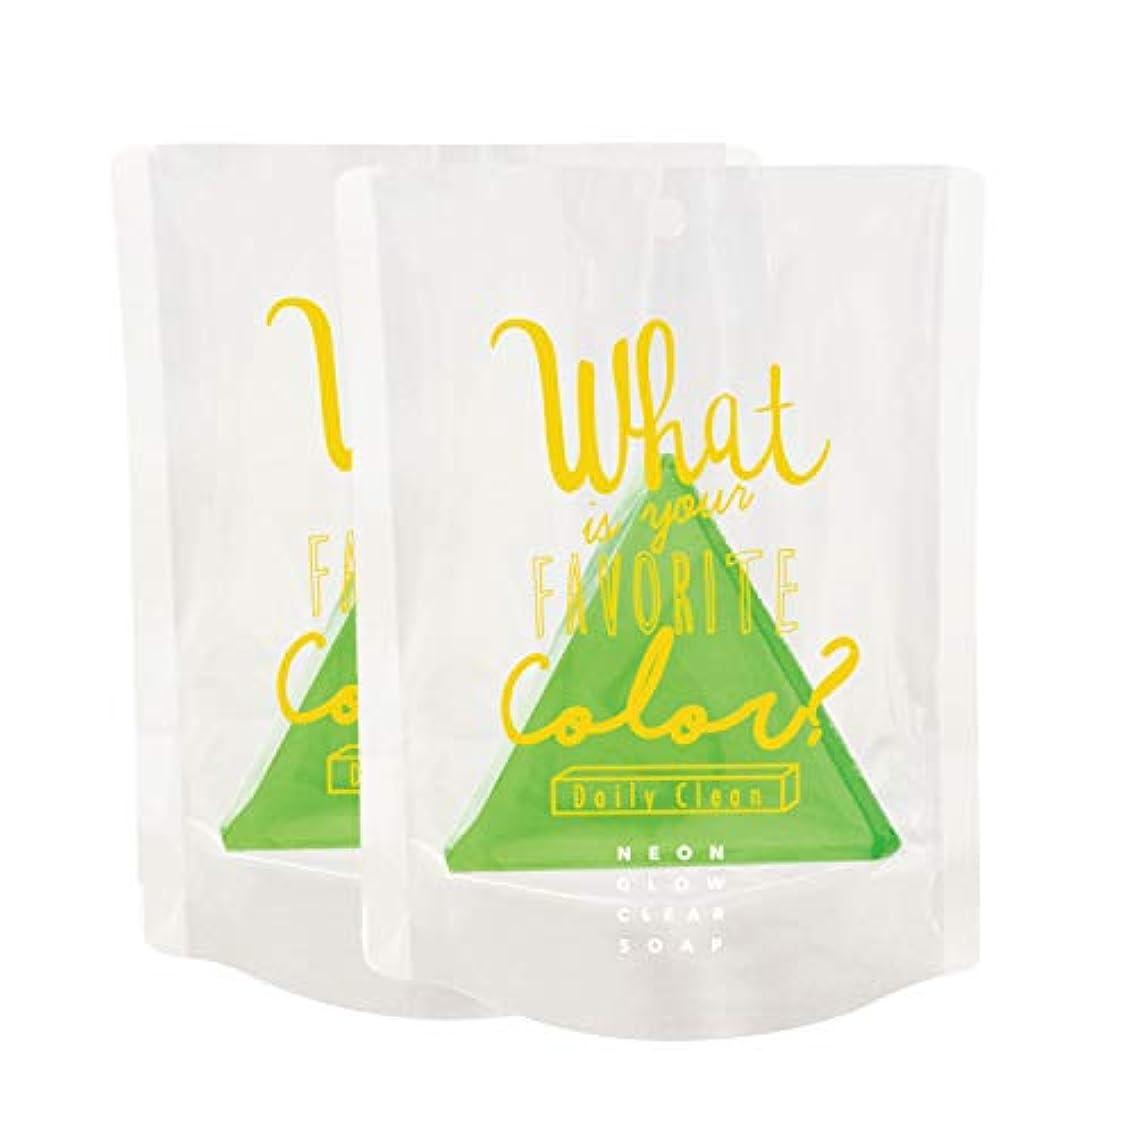 結婚式ジャングルのノルコーポレーション 石けん ネオングロー クリアソープ 2個セット ライトグリーンの香り OB-NGW-2-3